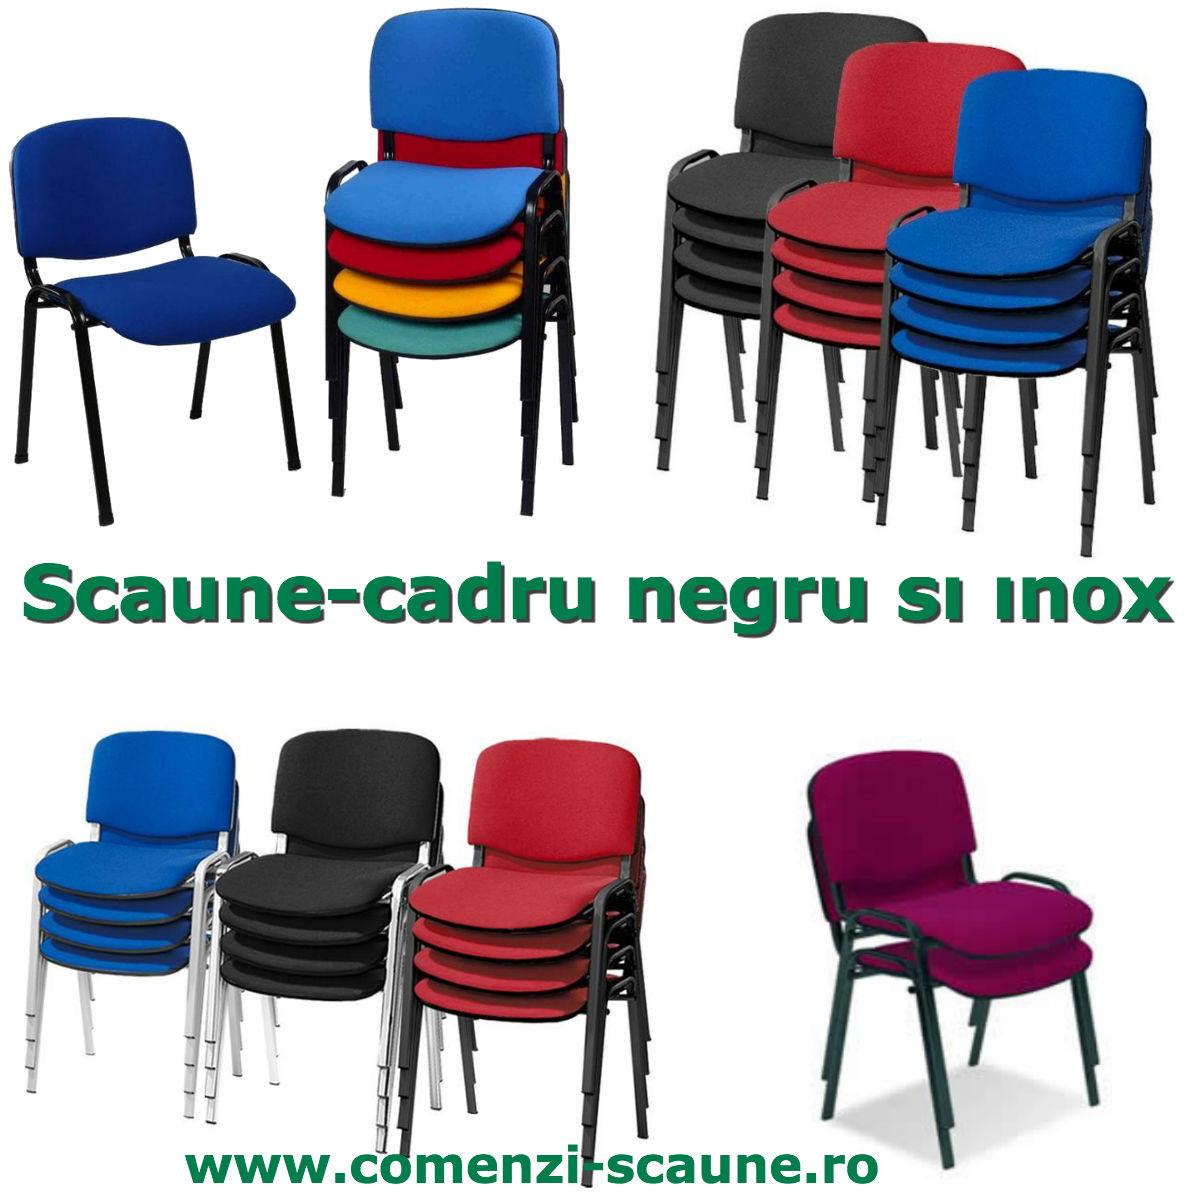 Scaune-color-pentru-sali-de-evenimente-inox-negre